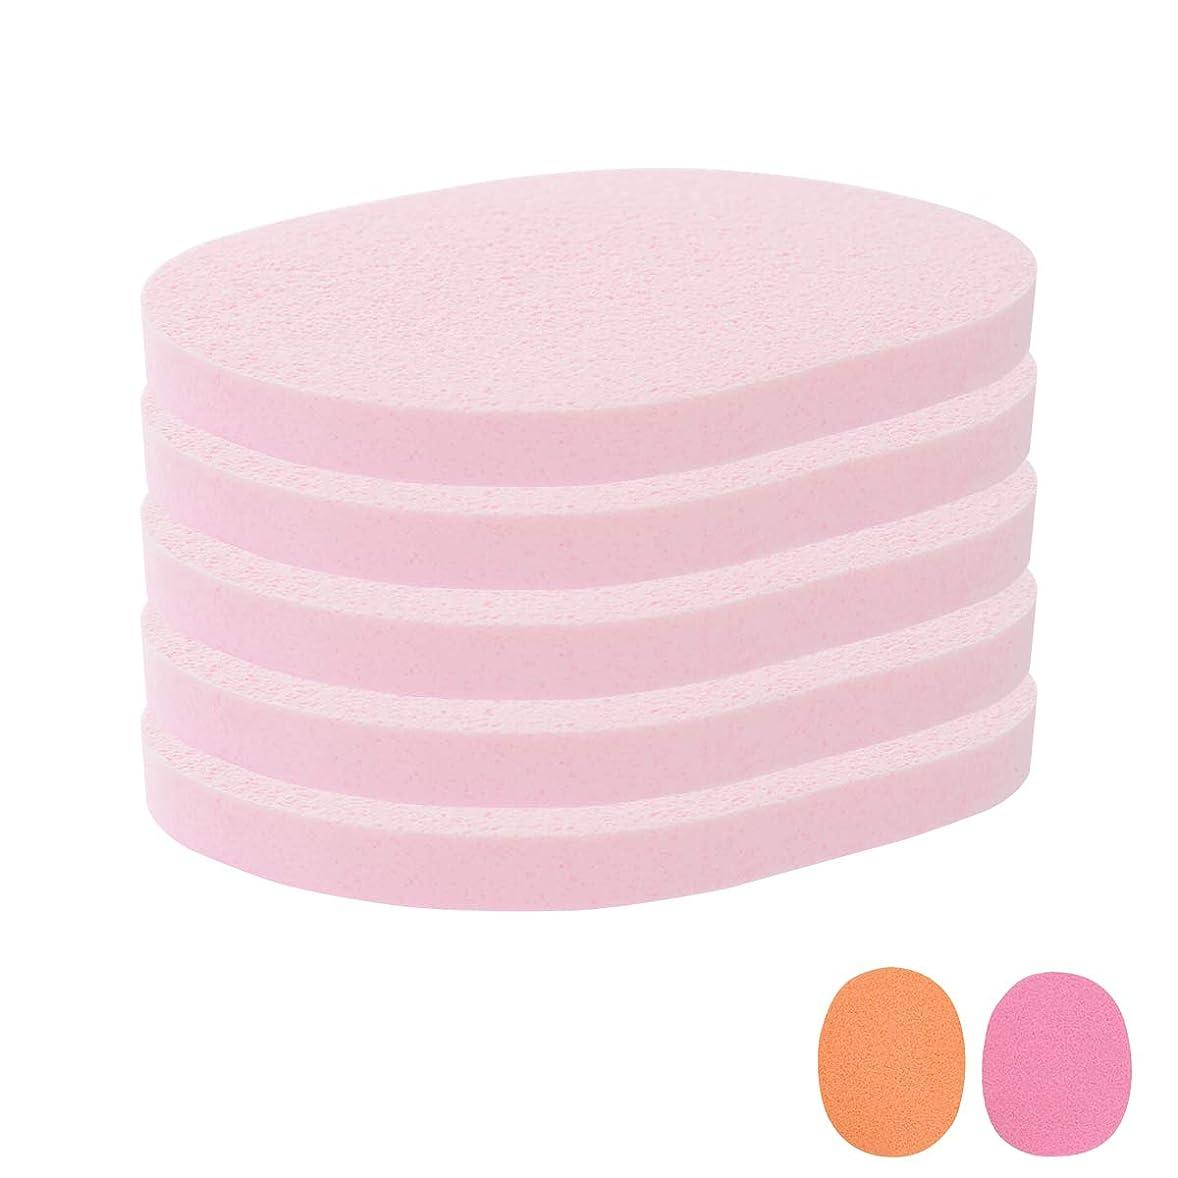 システムどこでも翻訳するフェイシャルスポンジ 全4種 10mm厚 (きめ粗い) 5枚入 ピンク [ フェイススポンジ マッサージスポンジ フェイシャル フェイス 顔用 洗顔 エステ スポンジ パフ クレンジング パック マスク 拭き取り ]